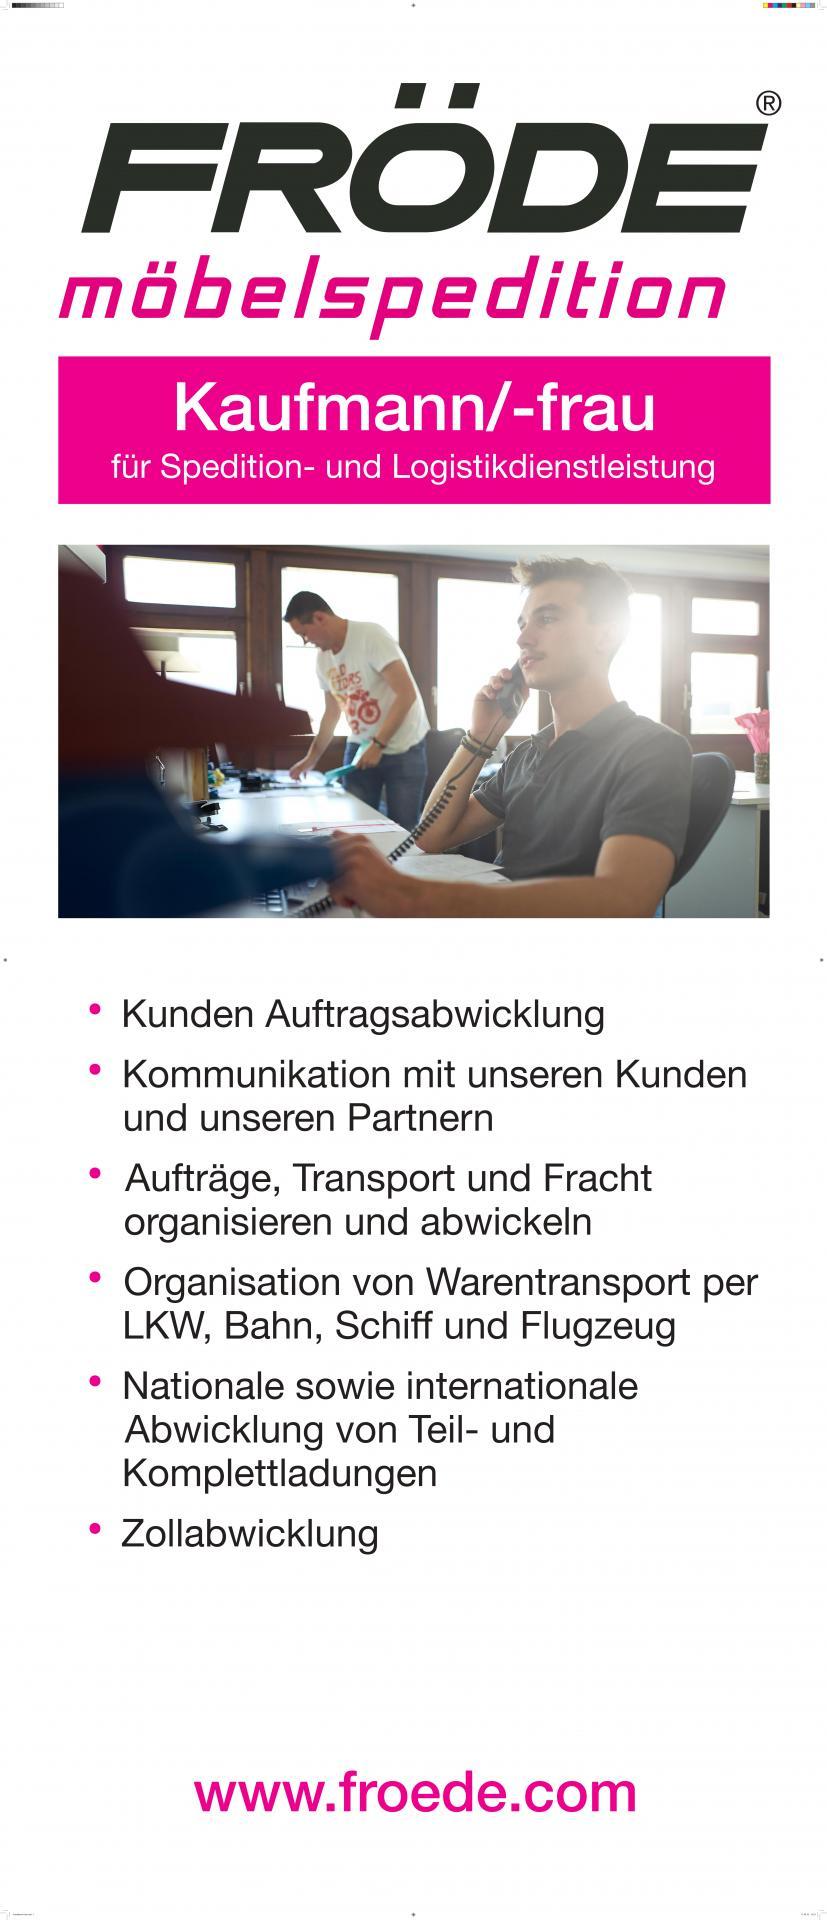 Fröde Banner Kaufmann-frau Spedition und Logistikdienstleistungen